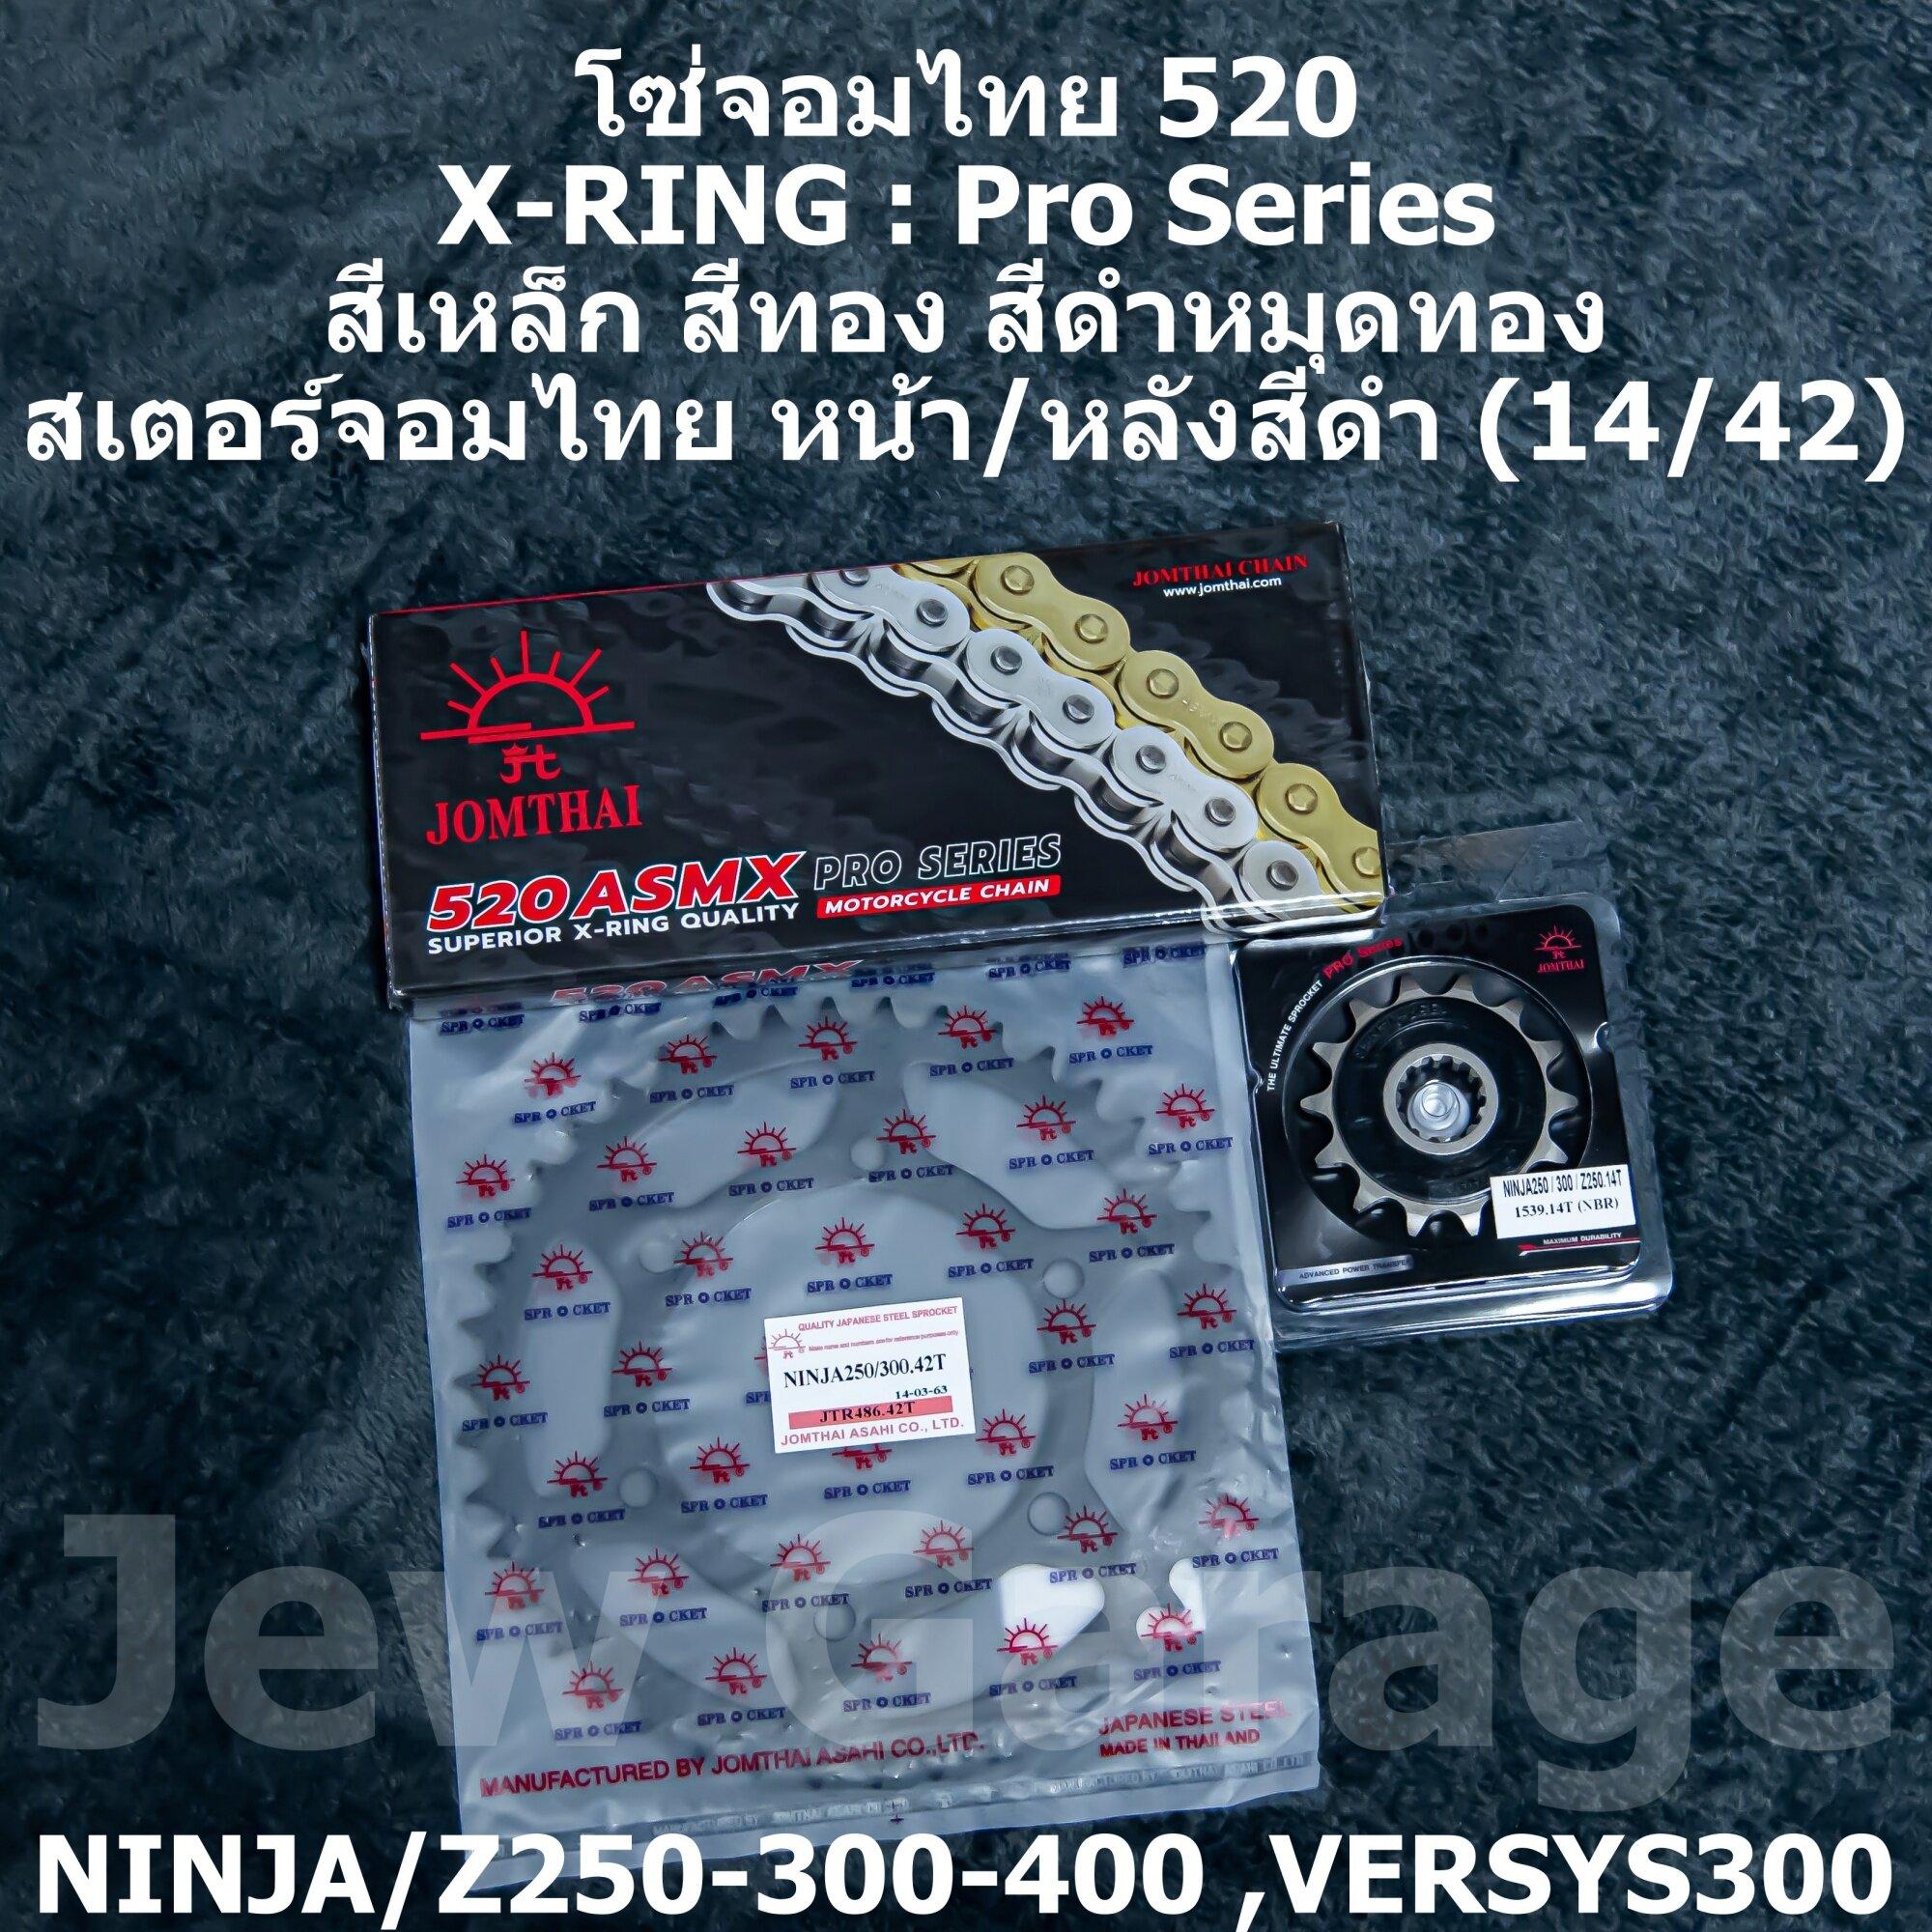 ซื้อที่ไหน ชุดโซ่สเตอร์จอมไทย Jomthai : โซ่ 520 X-RING Pro Series สีเหล็ก สีทอง สีดำหมุดทอง และ สเตอร์หน้า+สเตอร์หลังสีดำ ขนาด 14/42 NINJA250 NINJA300 NINJA400 Z250 Z300 Z400 VERSYS300